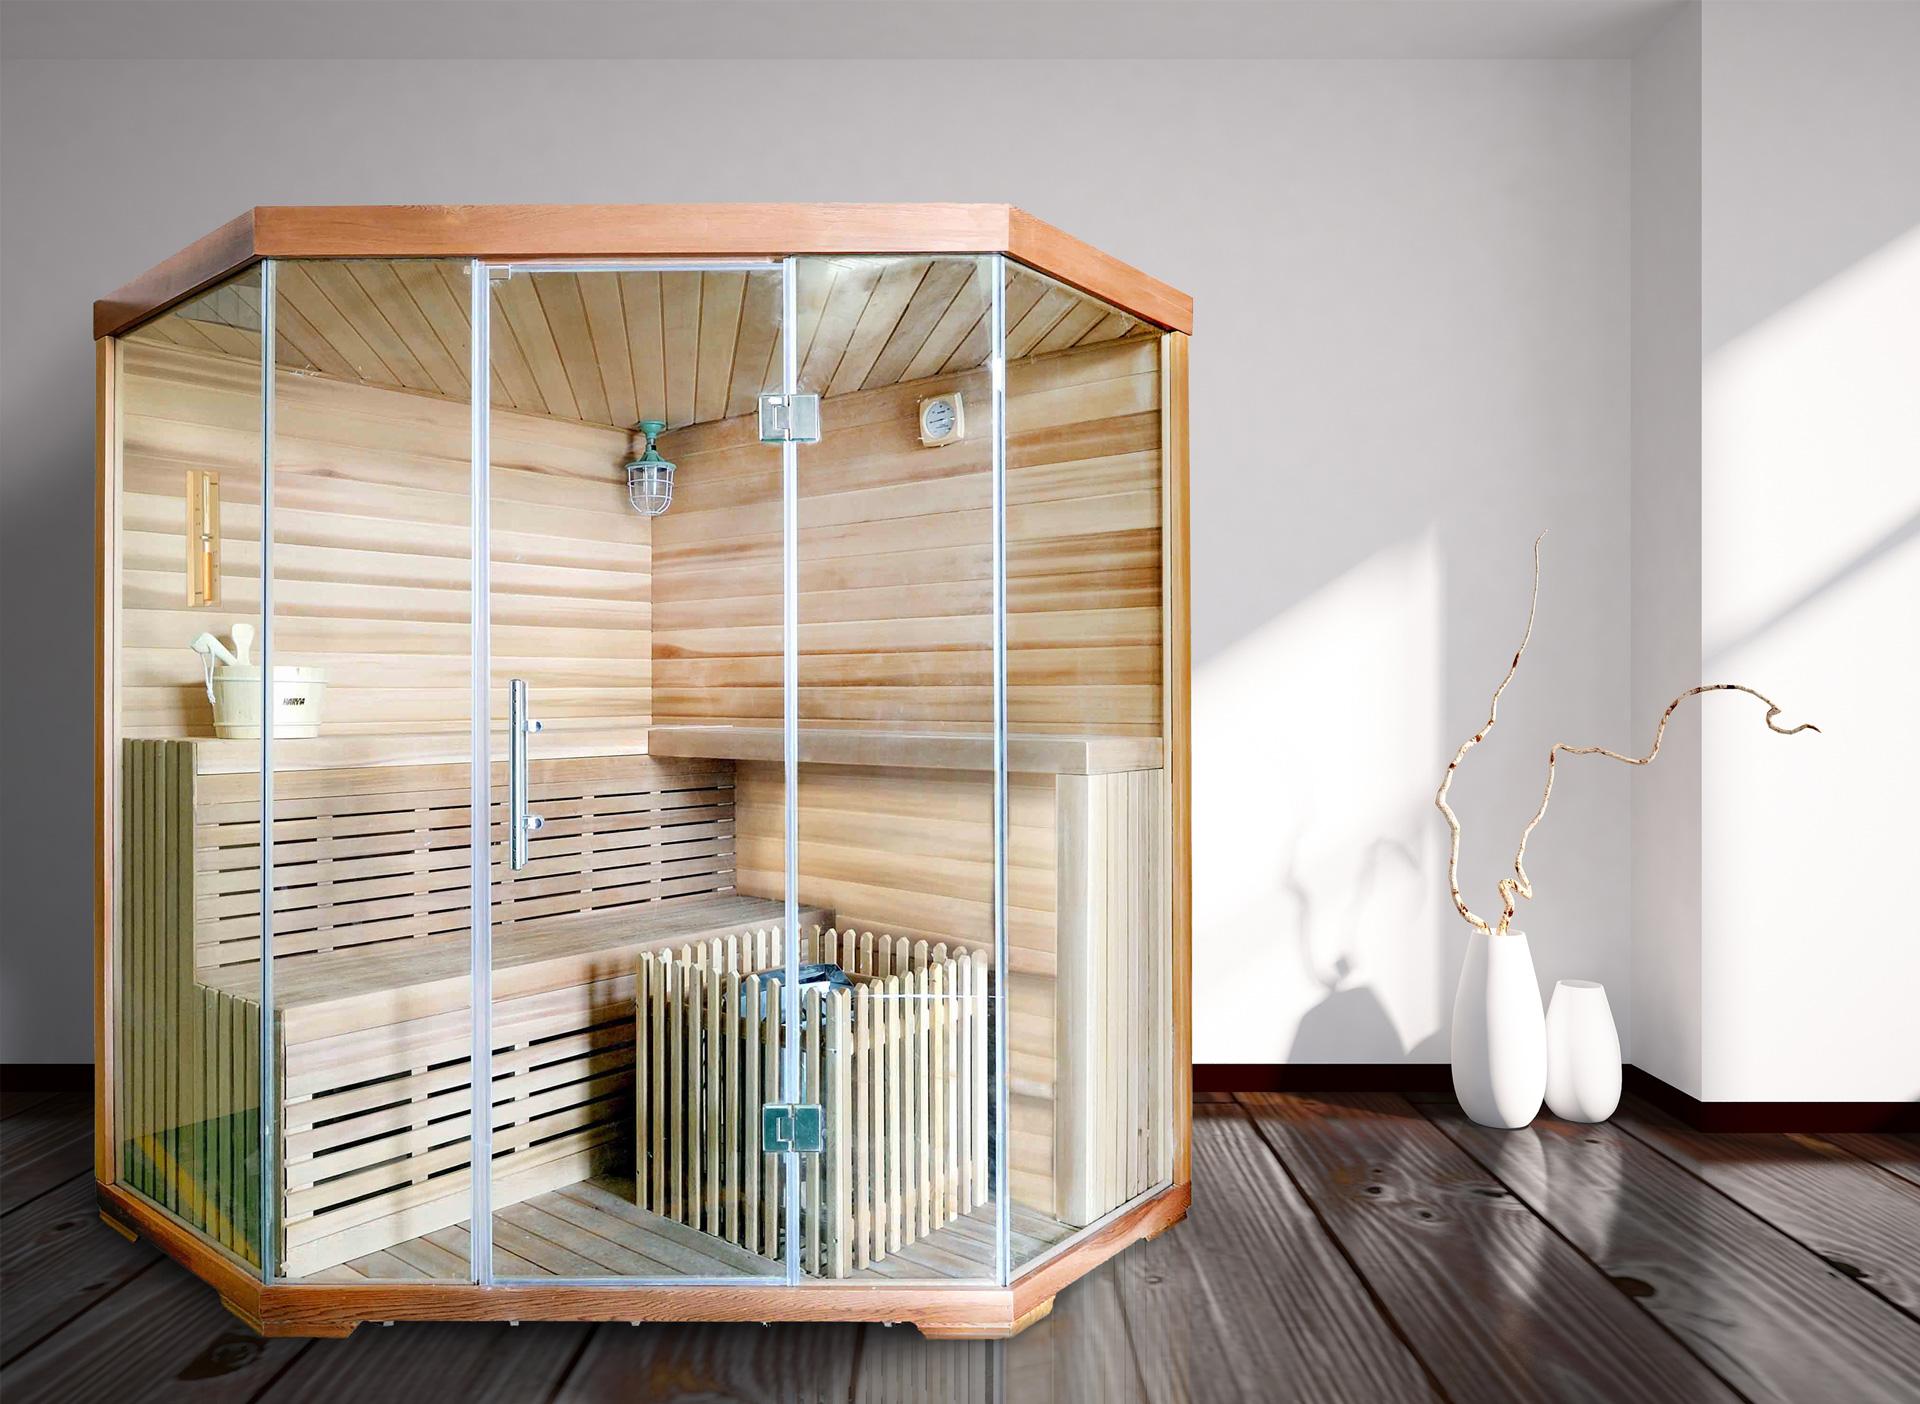 austria spa sauna w rmekabinen und saunen von h chster qualit t. Black Bedroom Furniture Sets. Home Design Ideas